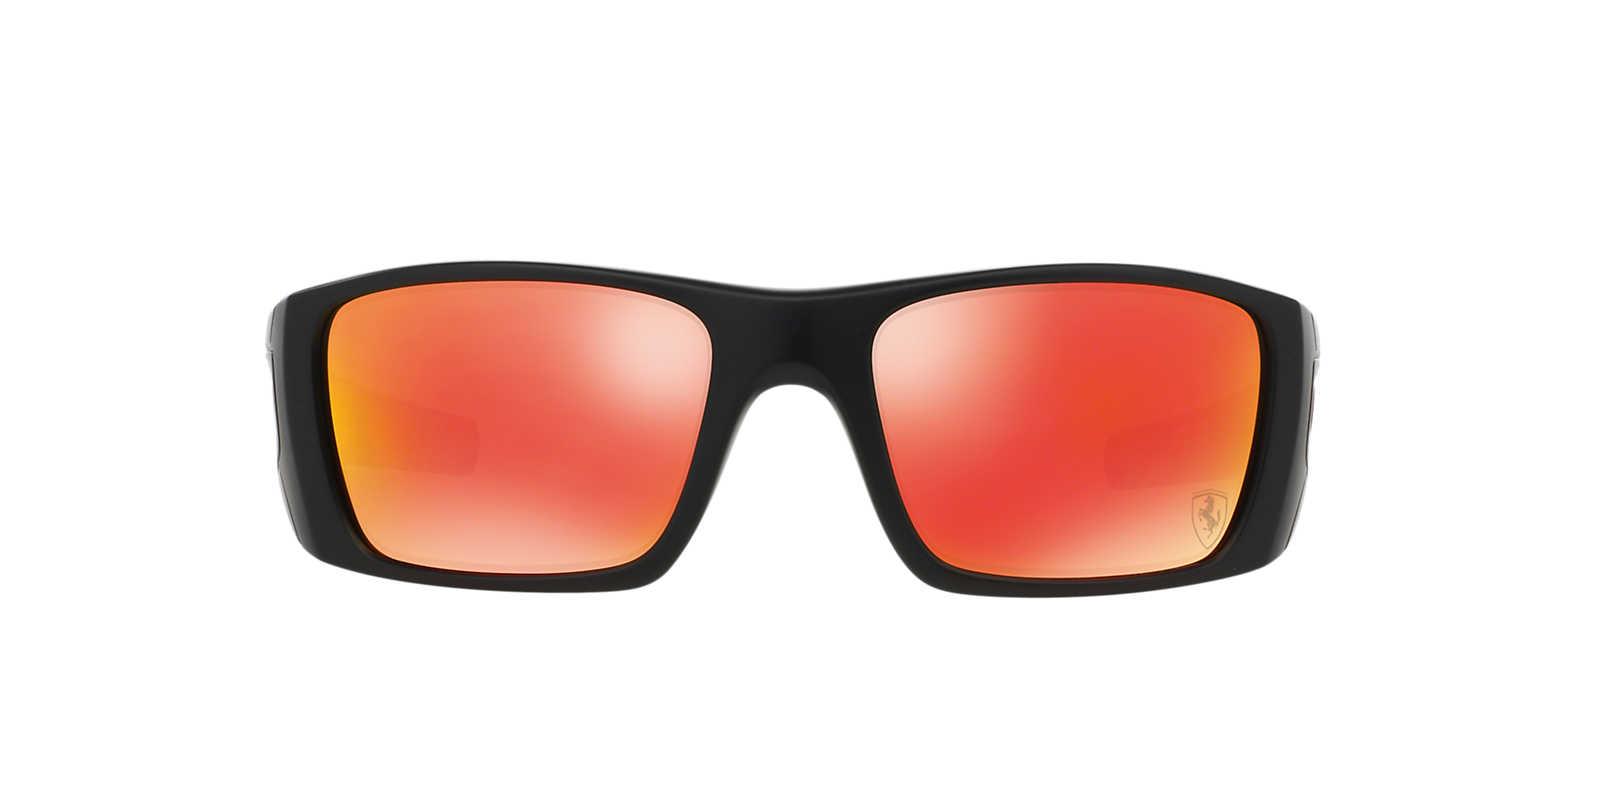 oakley fuel cell sunglasses australia